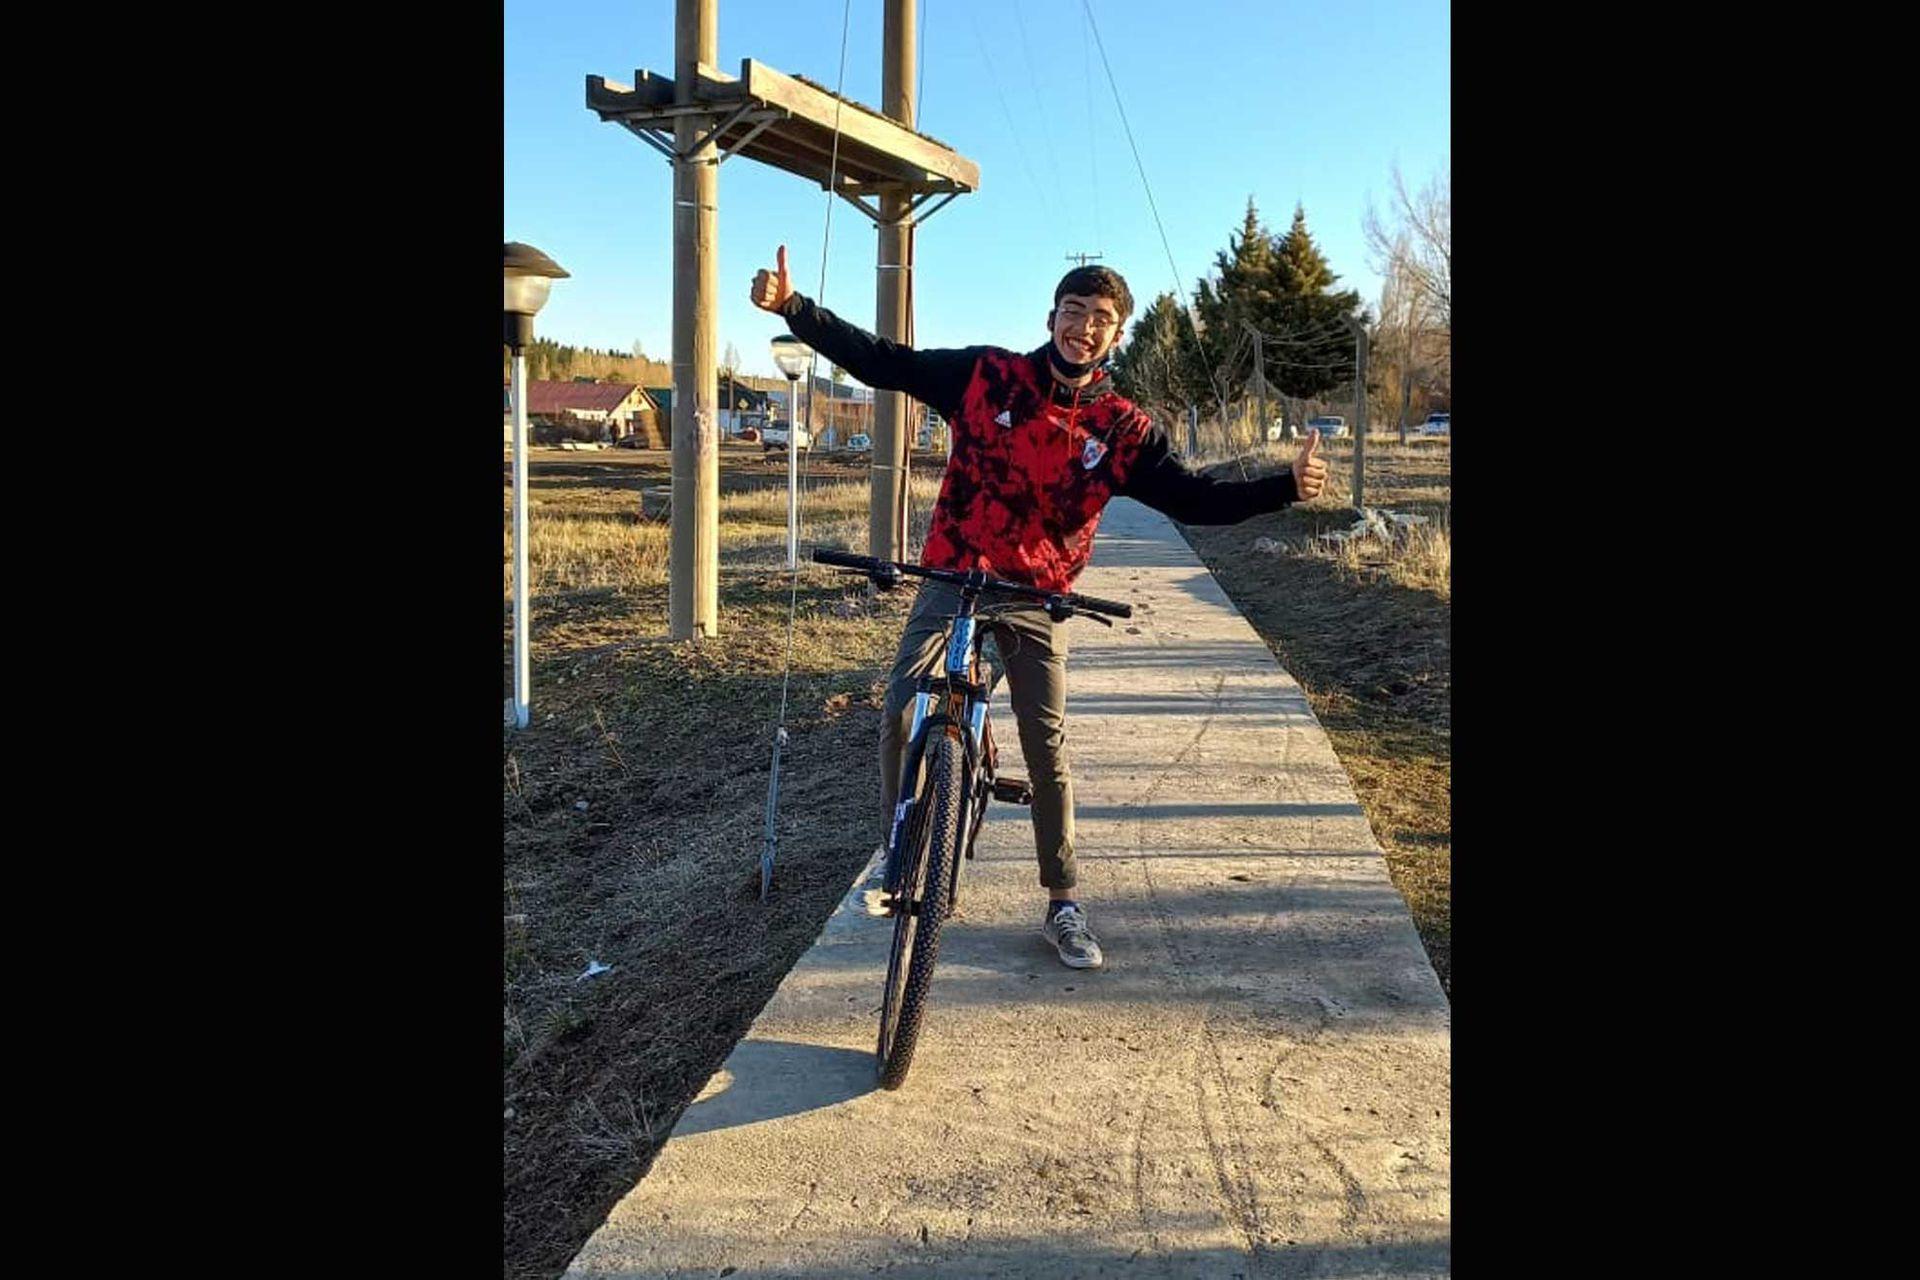 Tiziano, con sonrisa completa, con la bicicleta nueva que le donaron para que pueda ir a la escuela